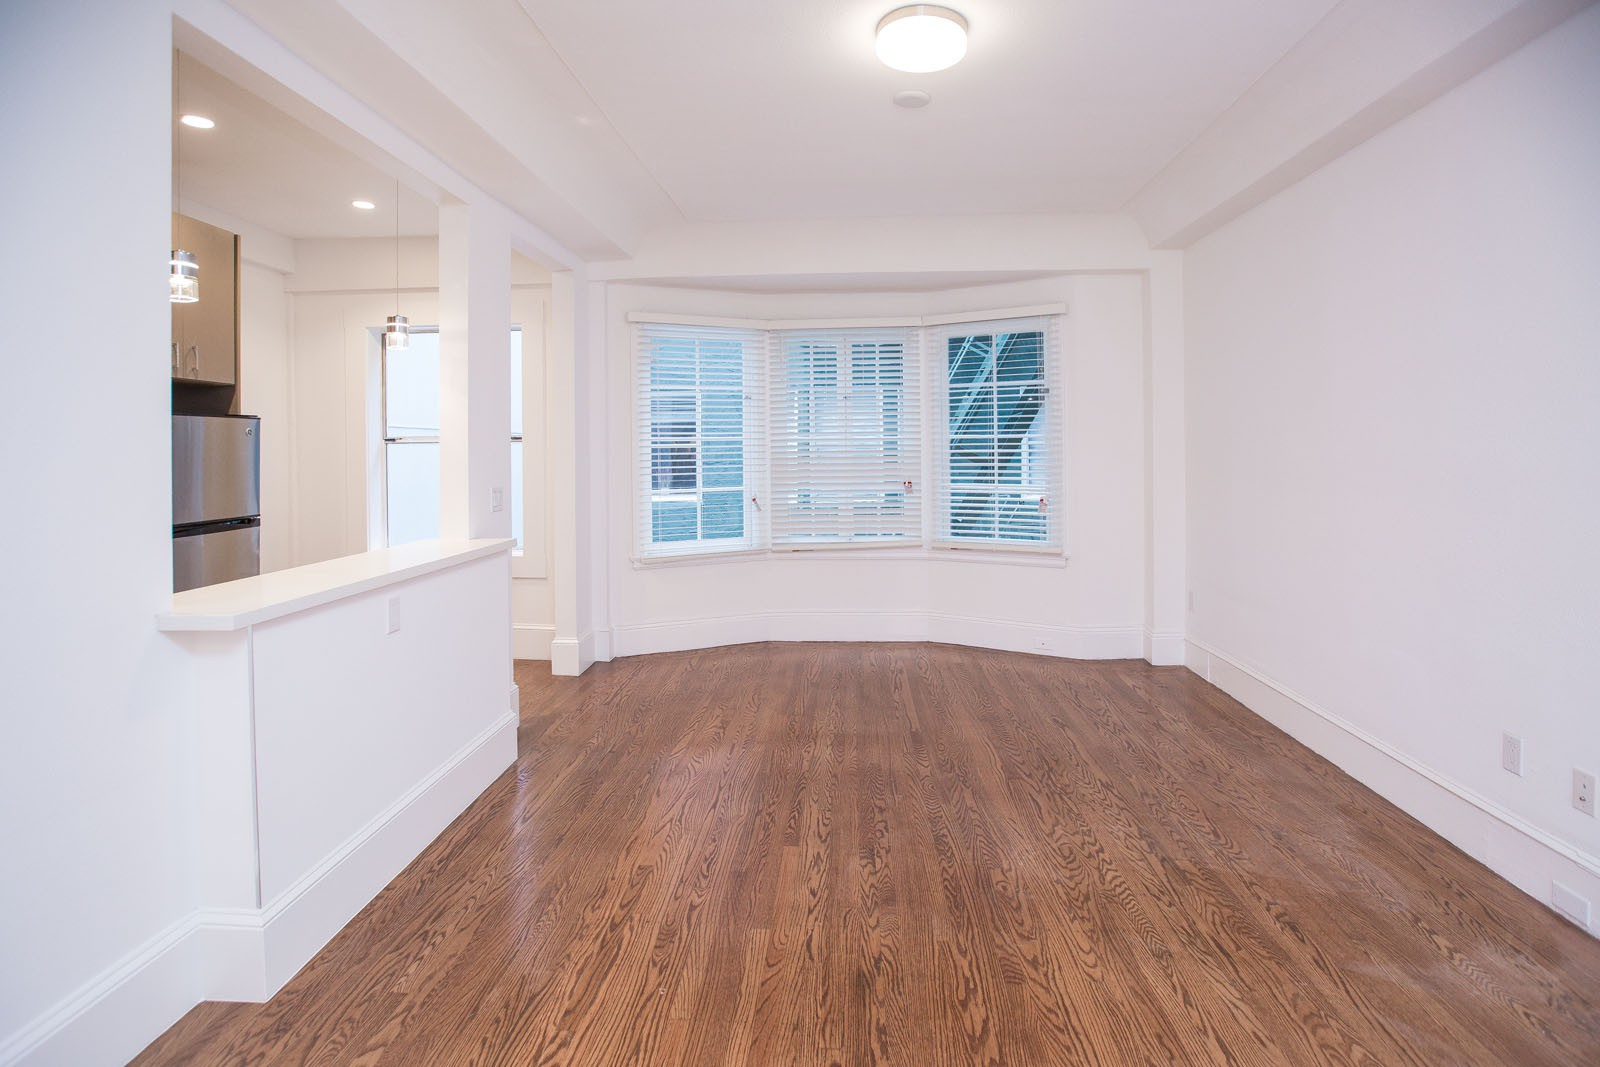 355 FULTON Apartments & Suites